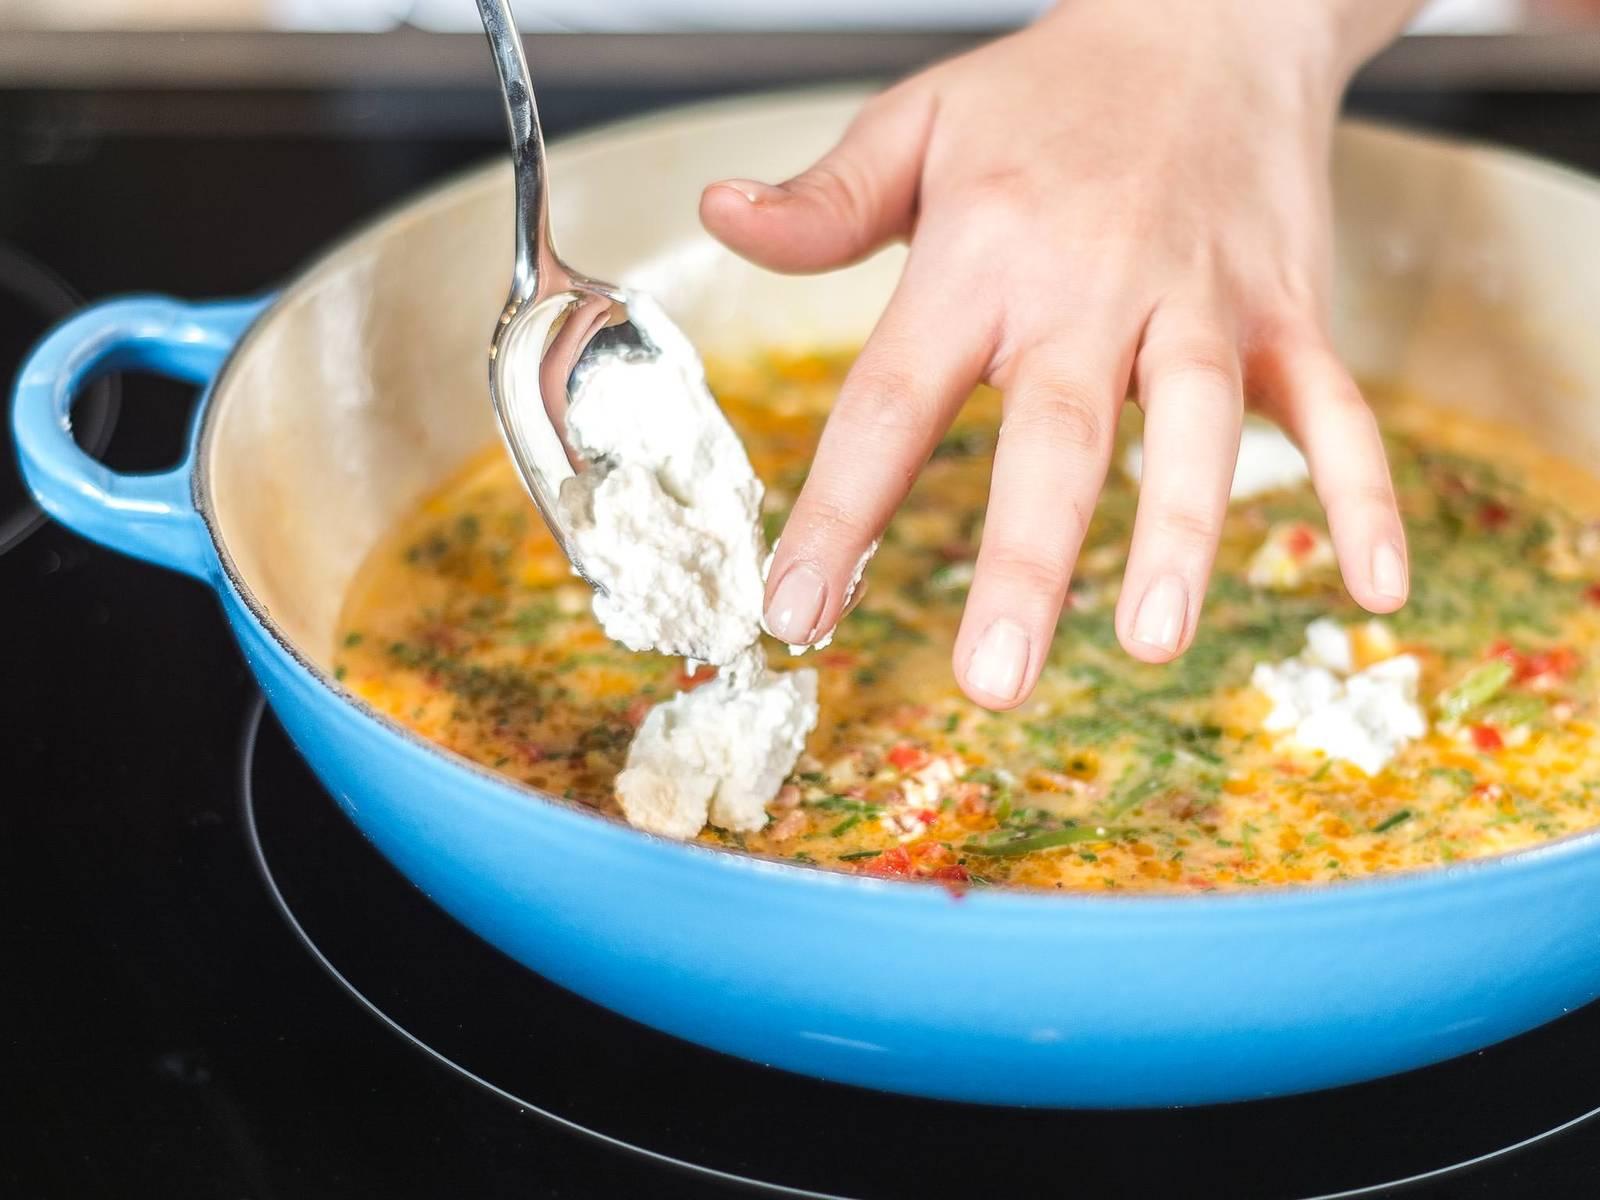 待底部的蛋浆开始凝固时,将另一半奶酪分摊在上,再撒少许胡椒。然后放入预热好的烤箱中,用180摄氏烘烤5-6分钟。取出,撒上帕玛森干奶酪碎即可趁热享用了。